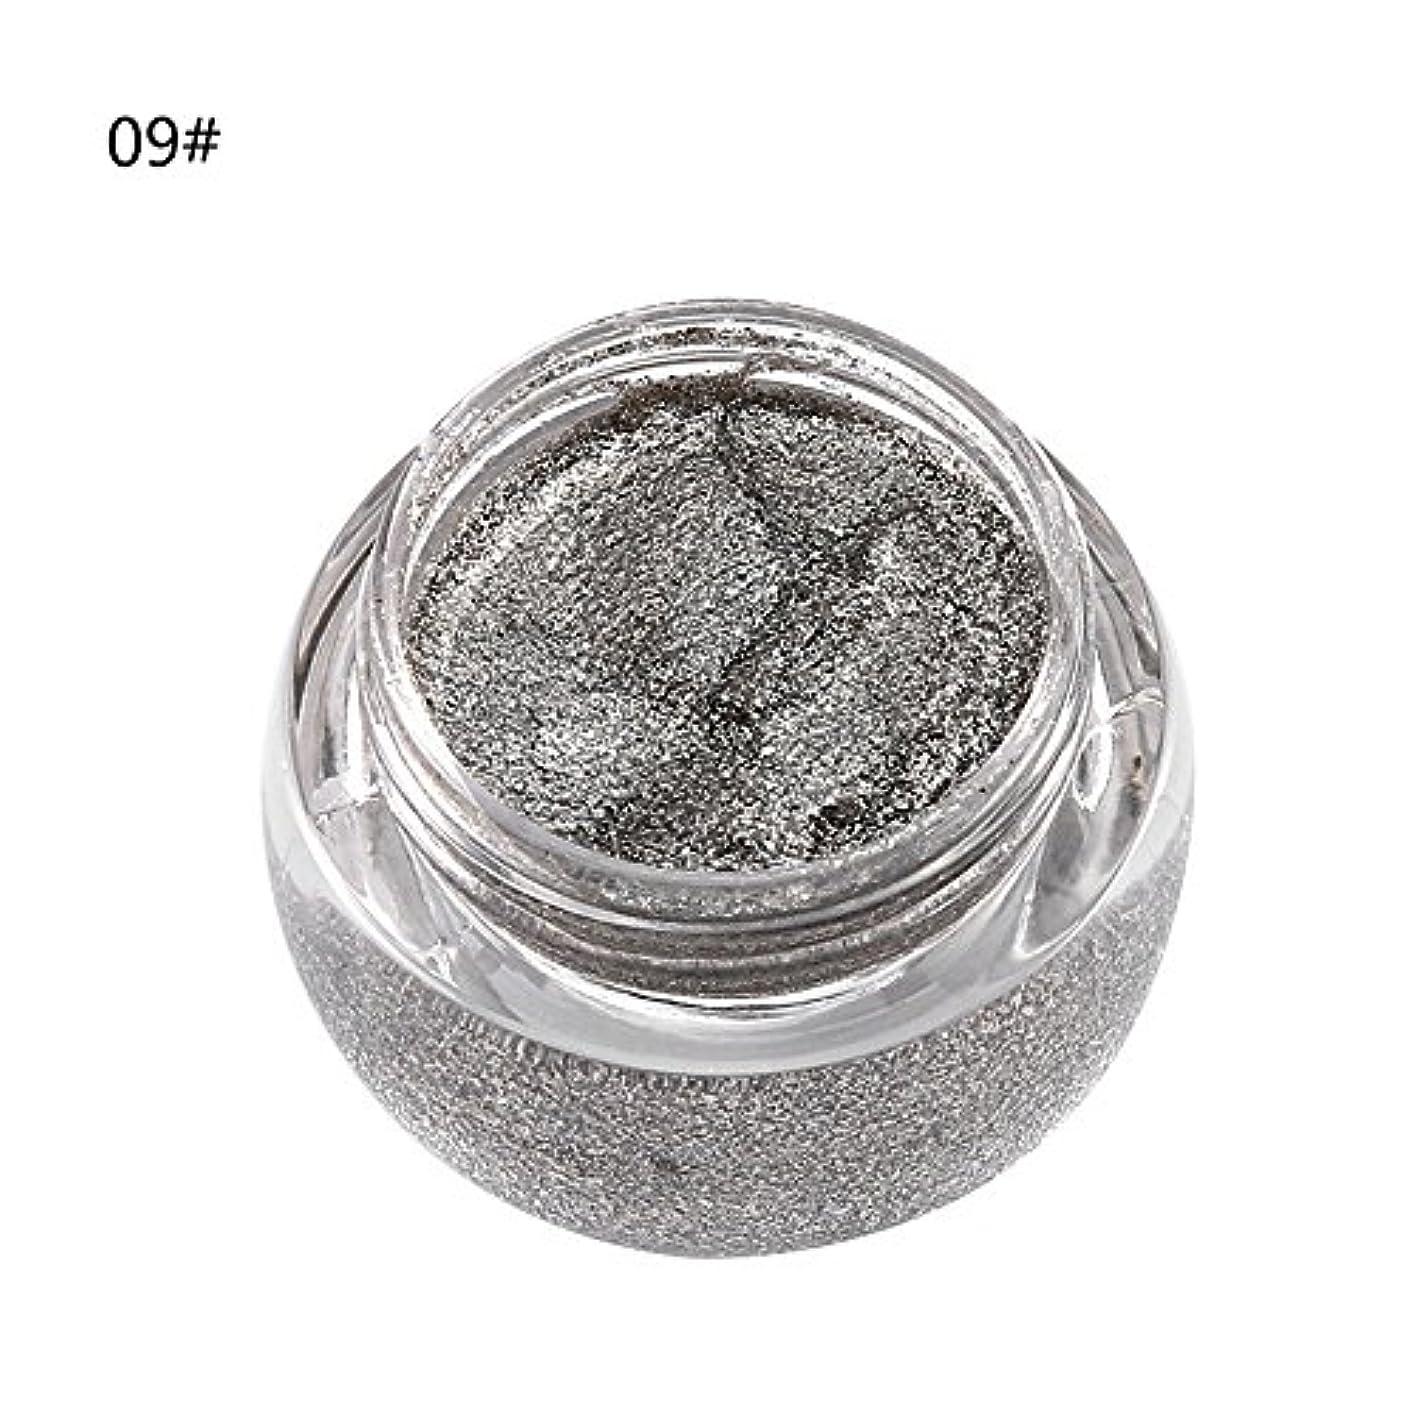 金属哲学博士ご意見アイシャドウ 単色 化粧品 光沢 保湿 キラキラ 美しい タイプ 09